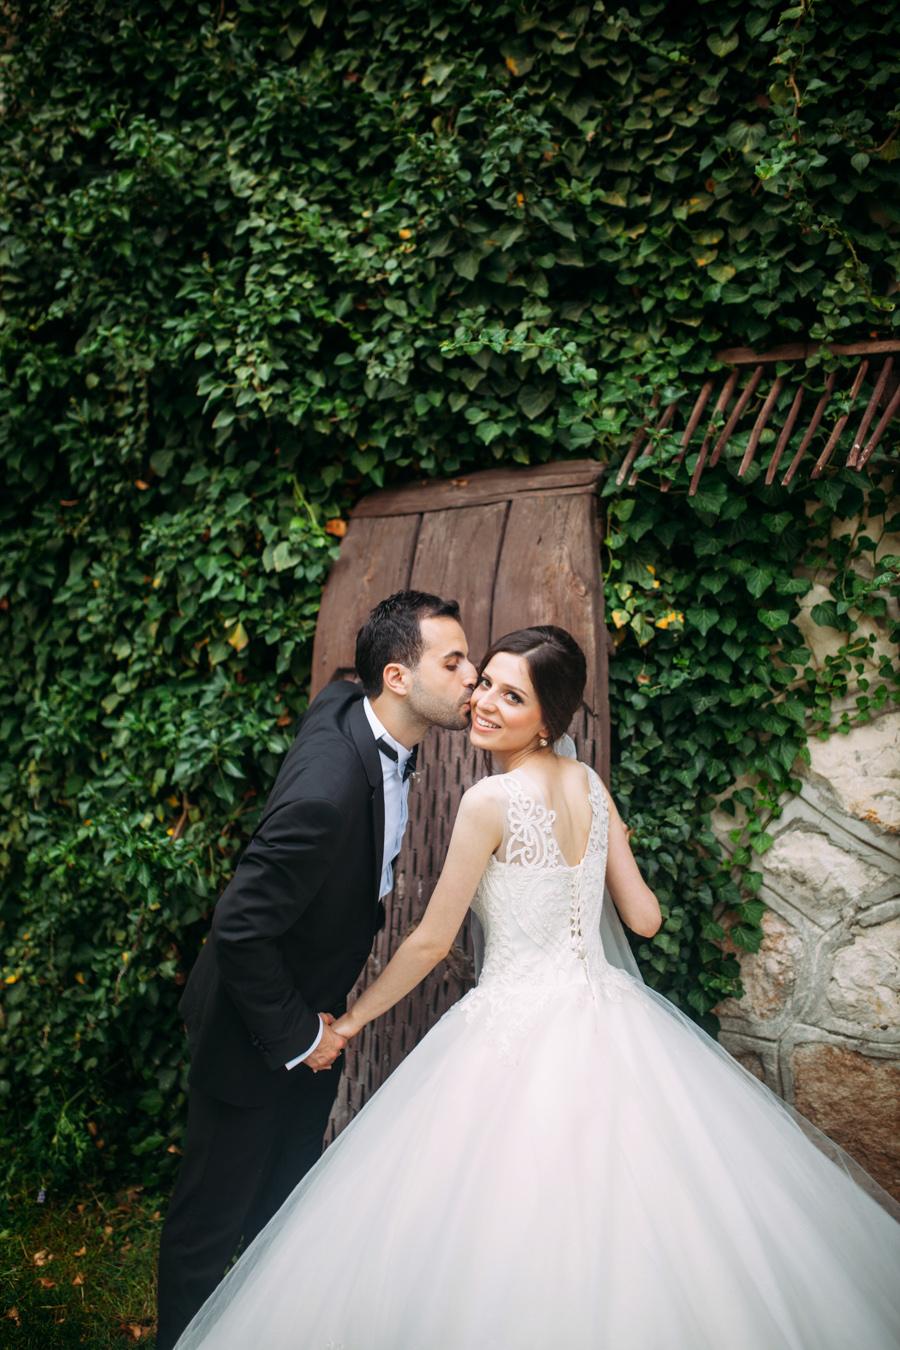 kastamanu düğün fotoğrafçısı (6)